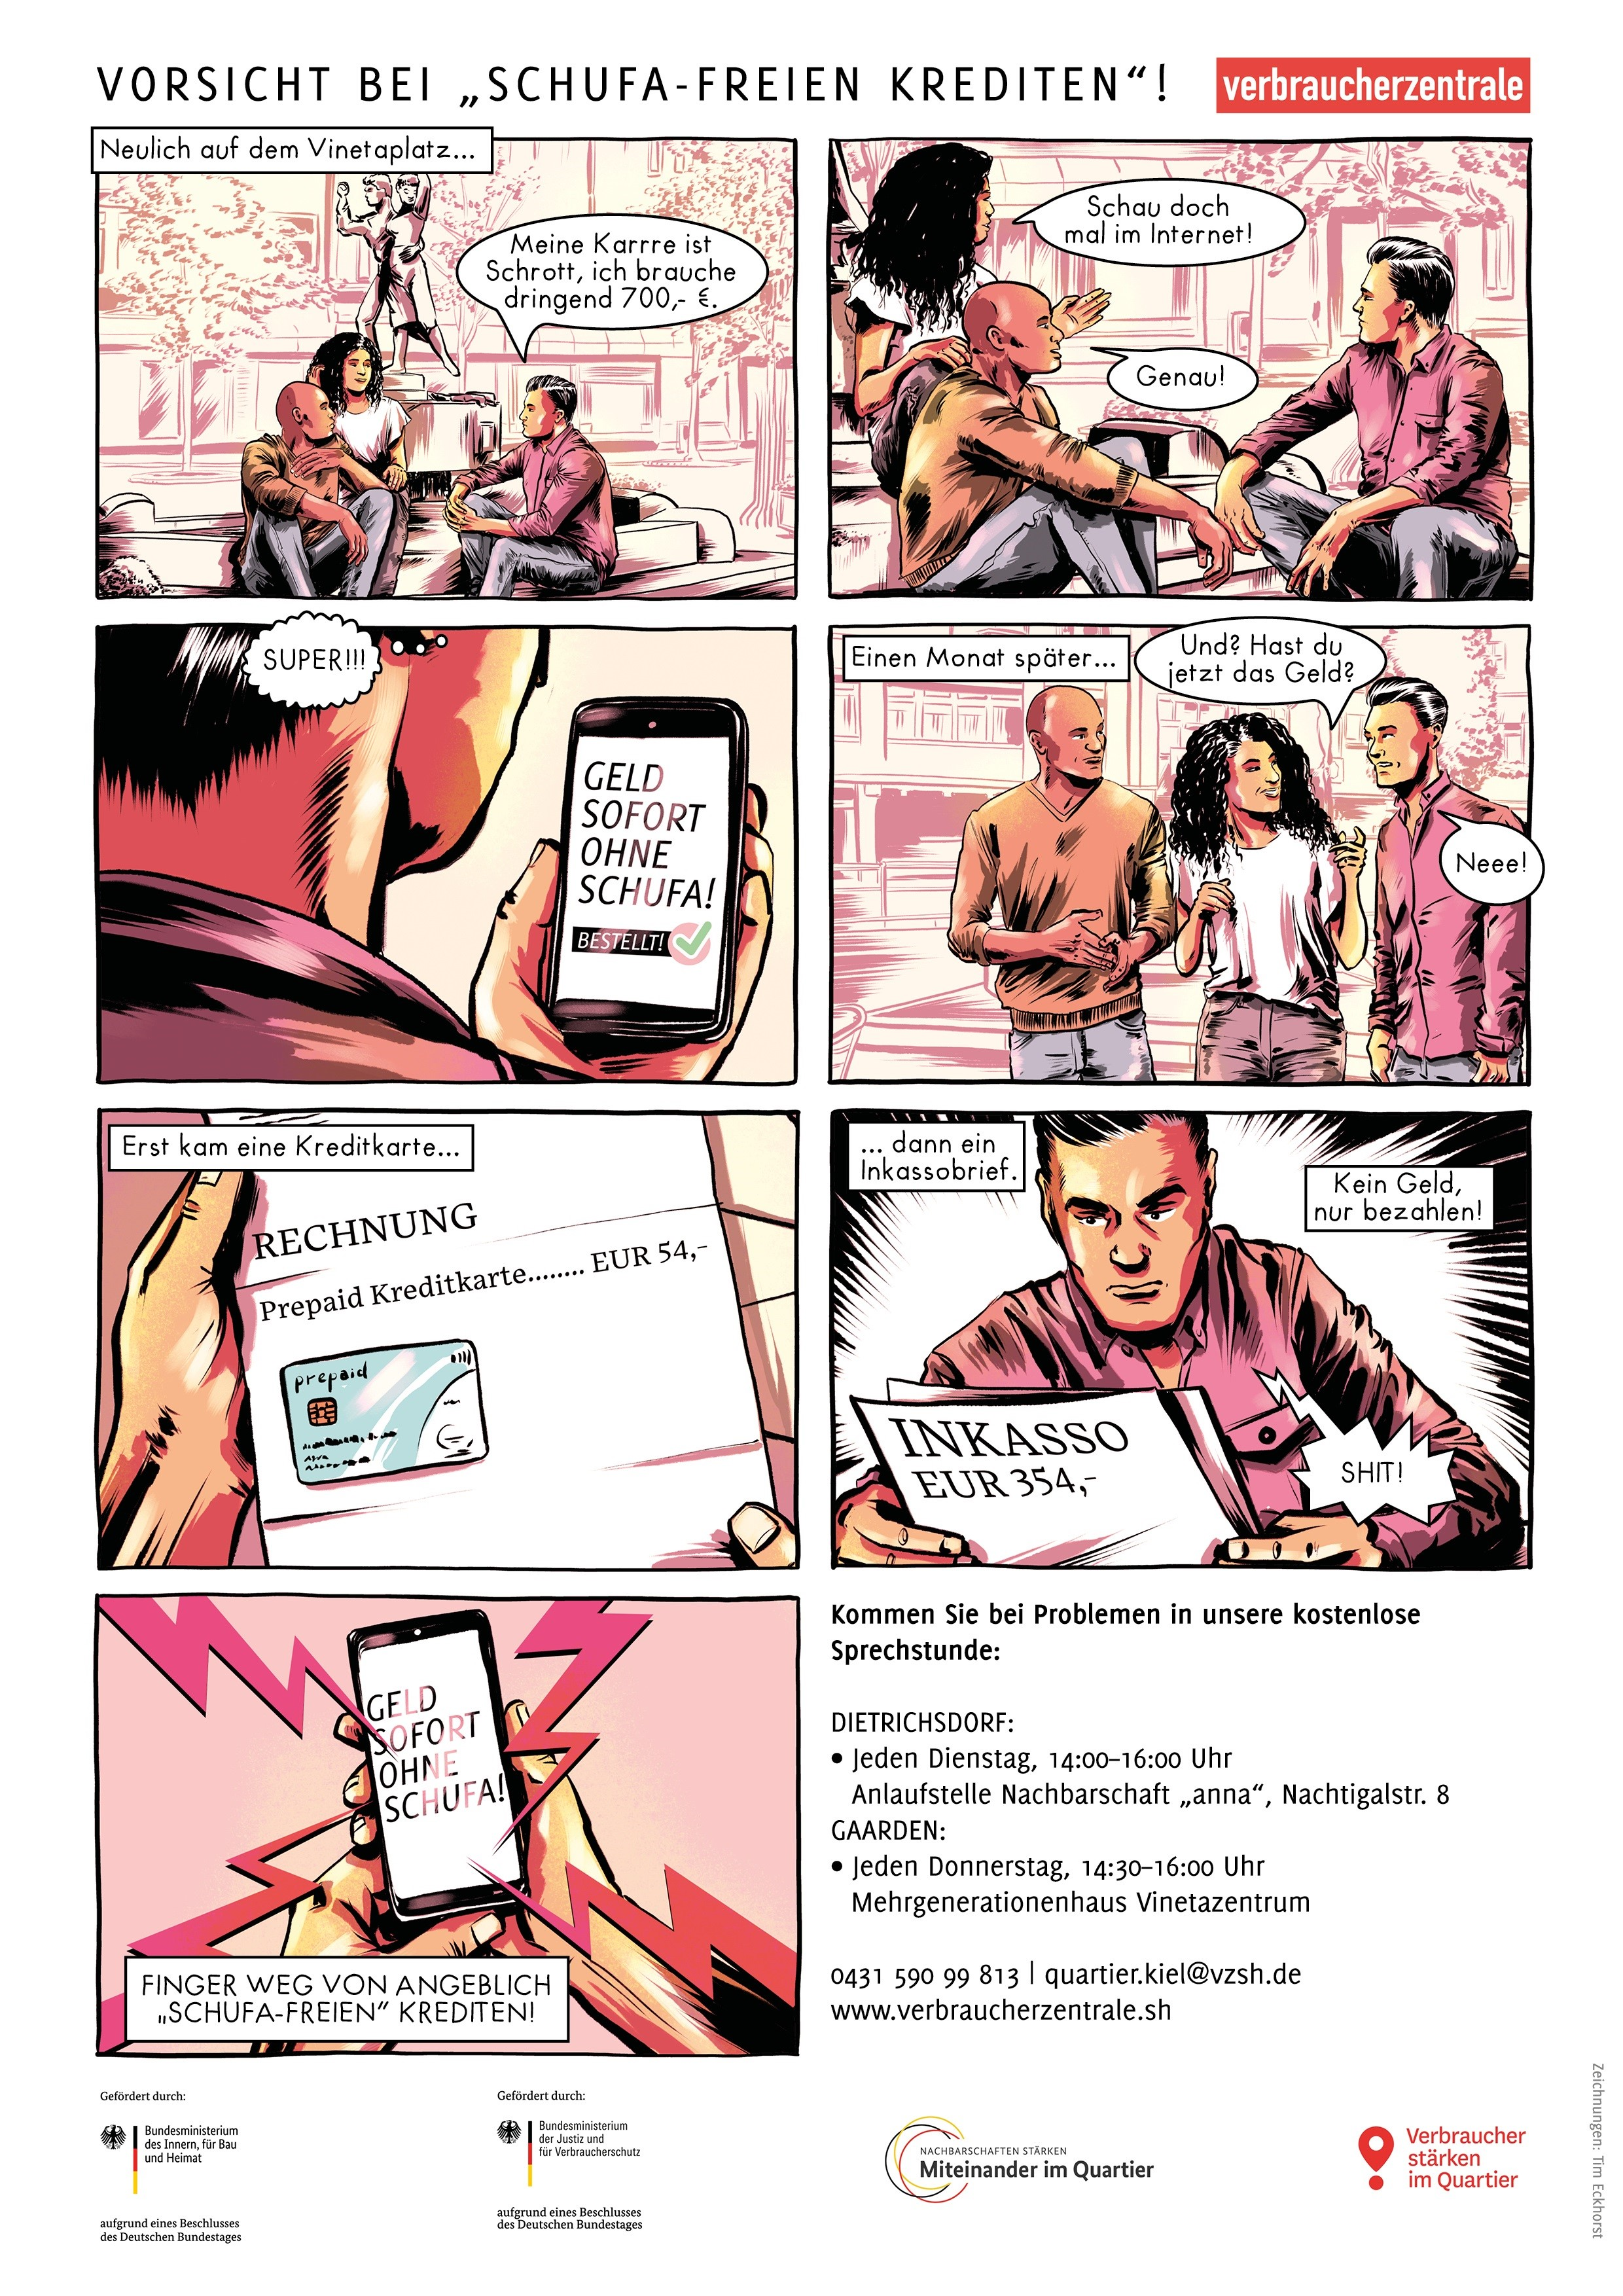 Comic: Ein Mann braucht Geld, seine Freunde empfehlen im Internet zu schauen. Dort findet er einen angeblich schufafreien Kredit, der sich jedoch als Falle entpuppt: Erst kommt eine Kreditkarte, dann ein Inkassobrief. Neben dem Comic stehen die Kontaktdaten der Verbraucherschützer